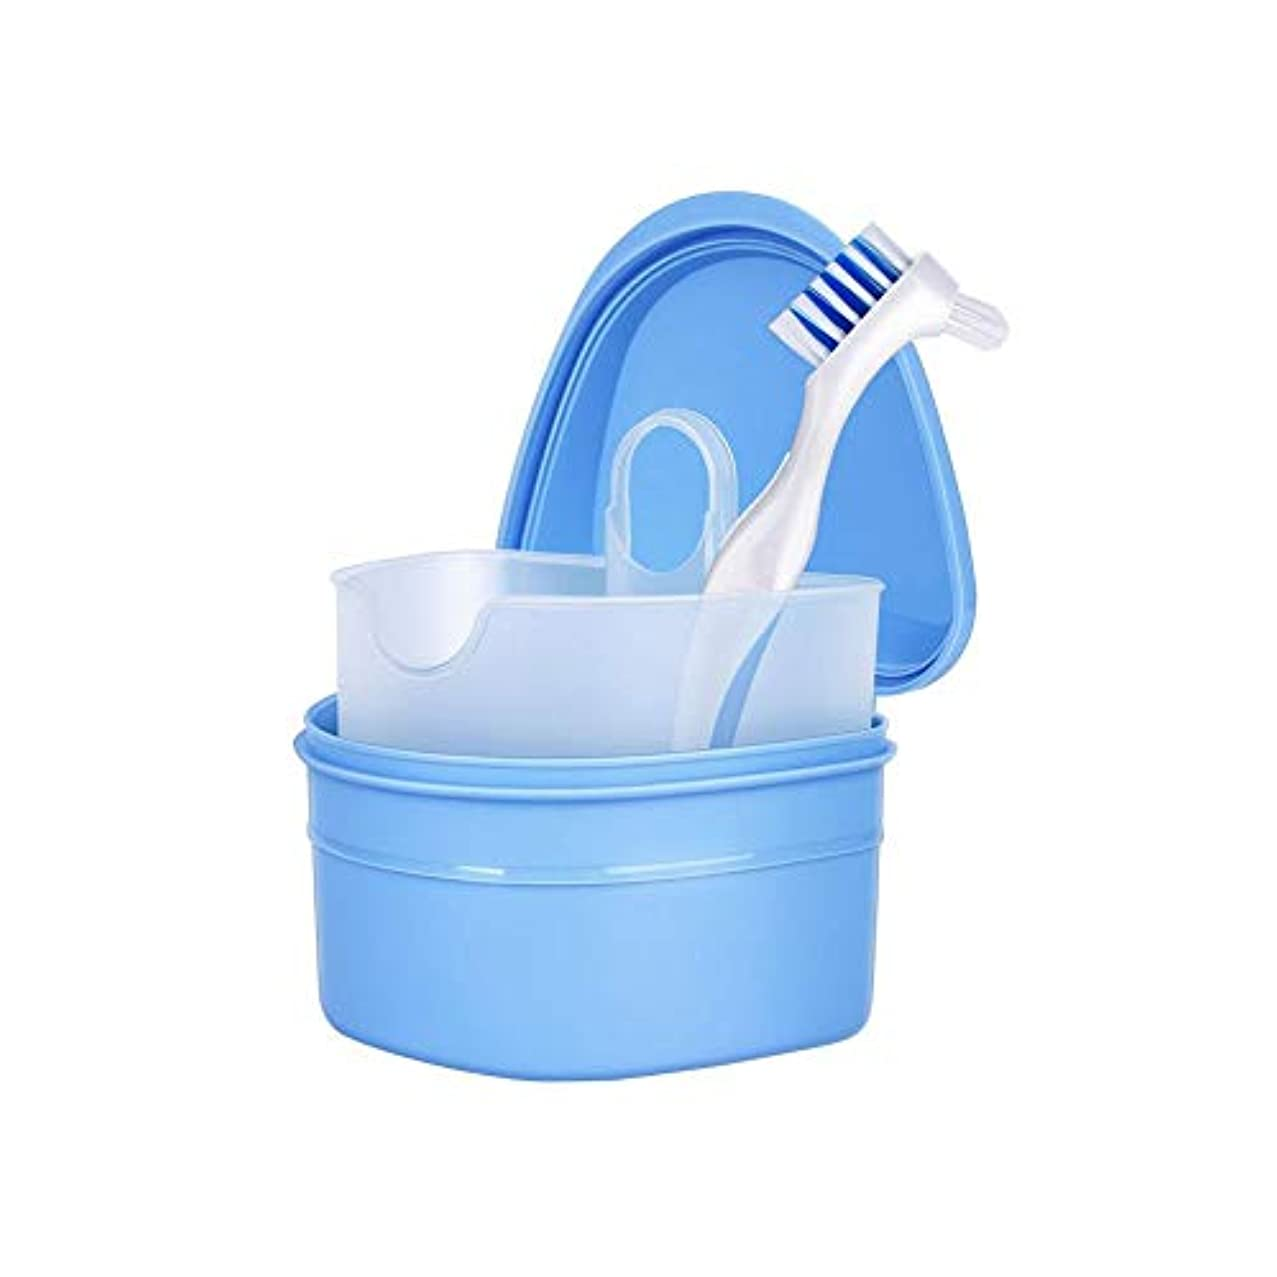 閉じ込める壮大共役入れ歯ケース 入れ歯収納 ブラシ付 義歯箱 リテーナーボックス 防水 軽量 ミニ 携帯用 家庭 旅行 出張 義歯収納容器